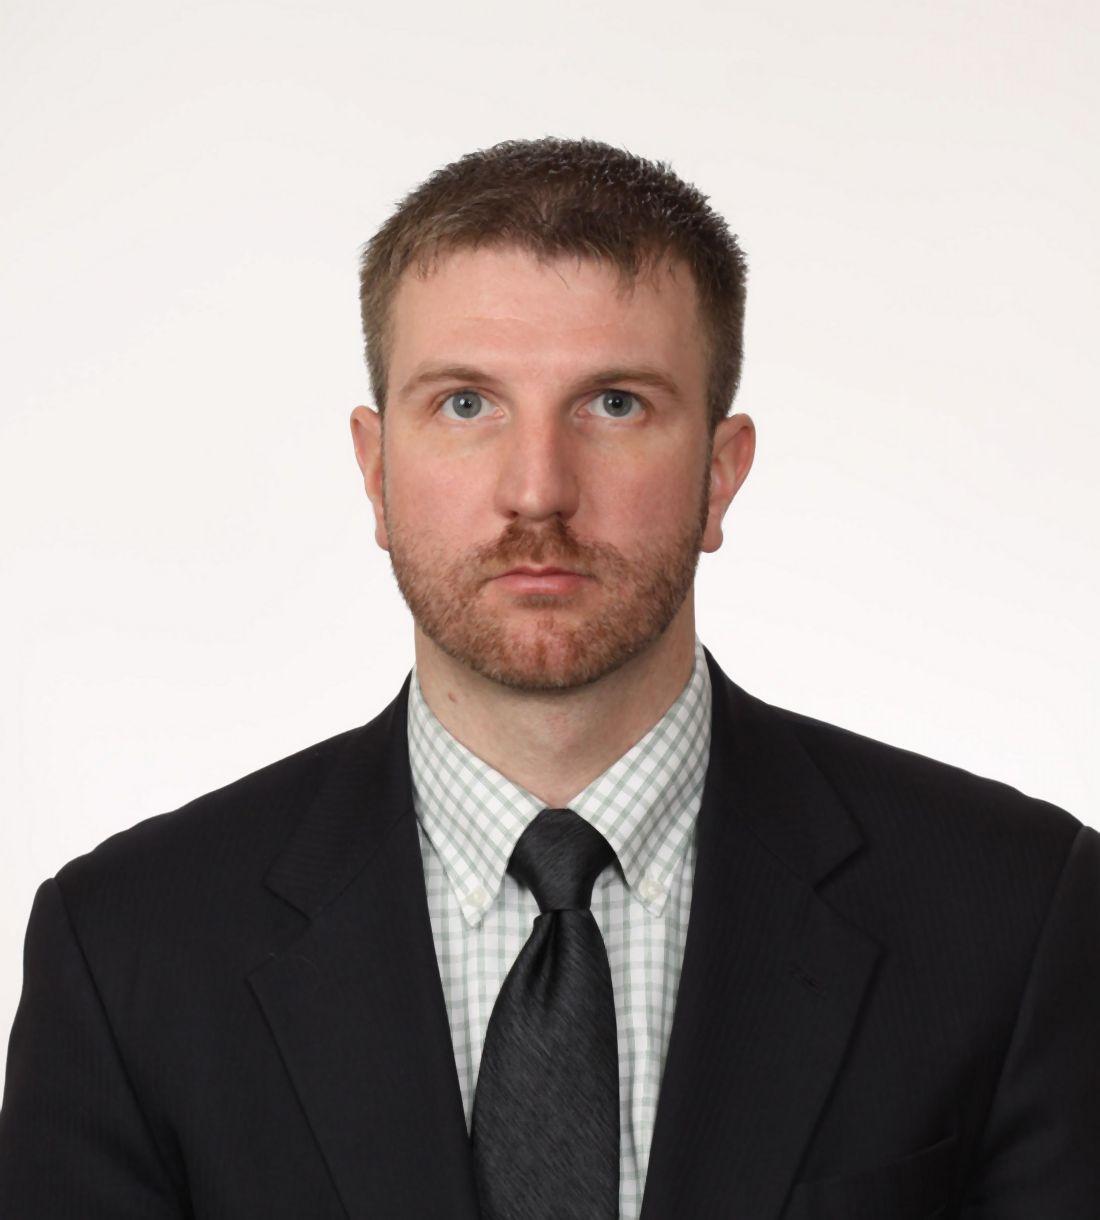 Dr. Nicholas Boddicker